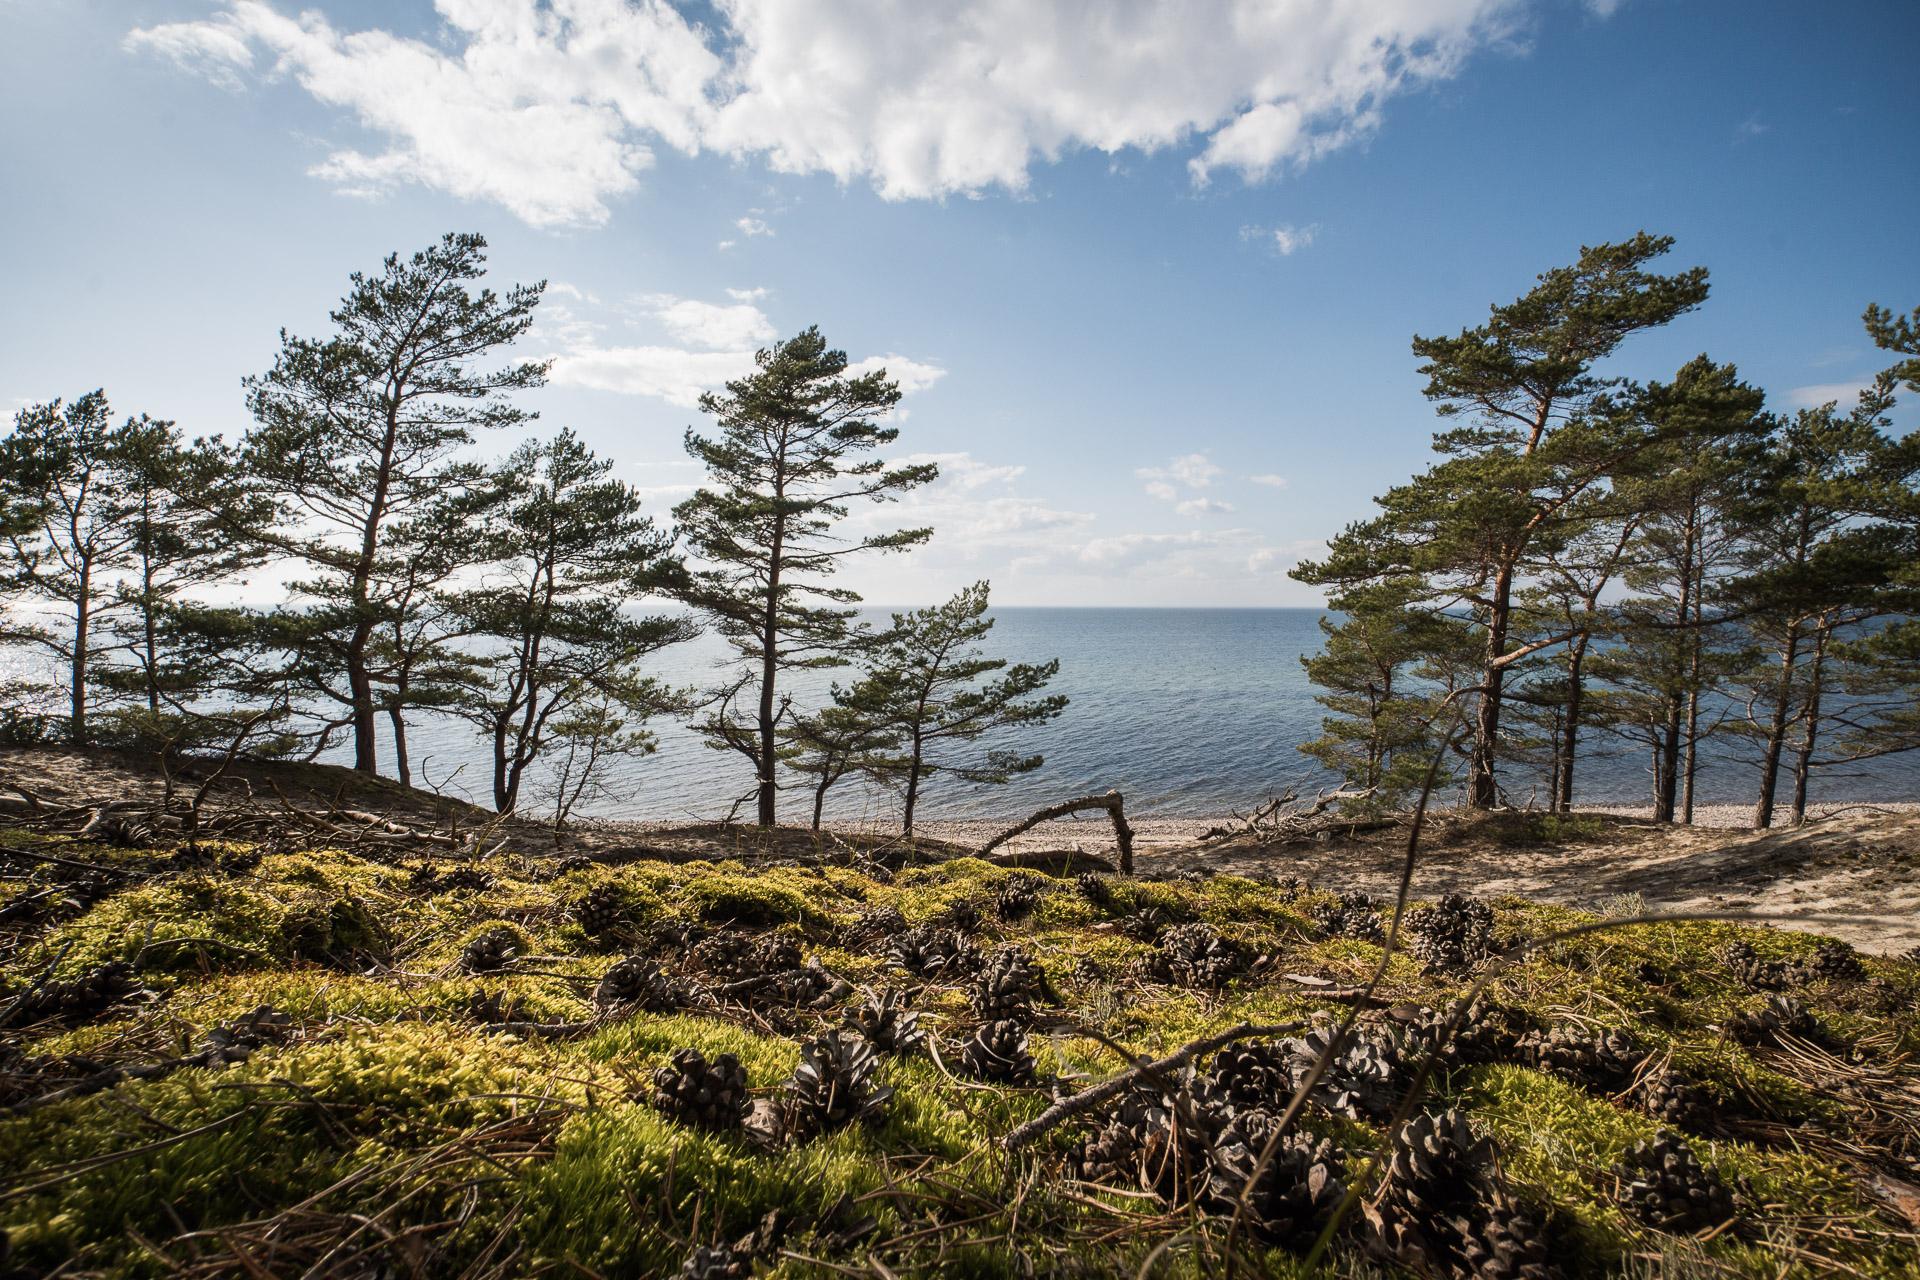 Am Vätternsee in Schweden